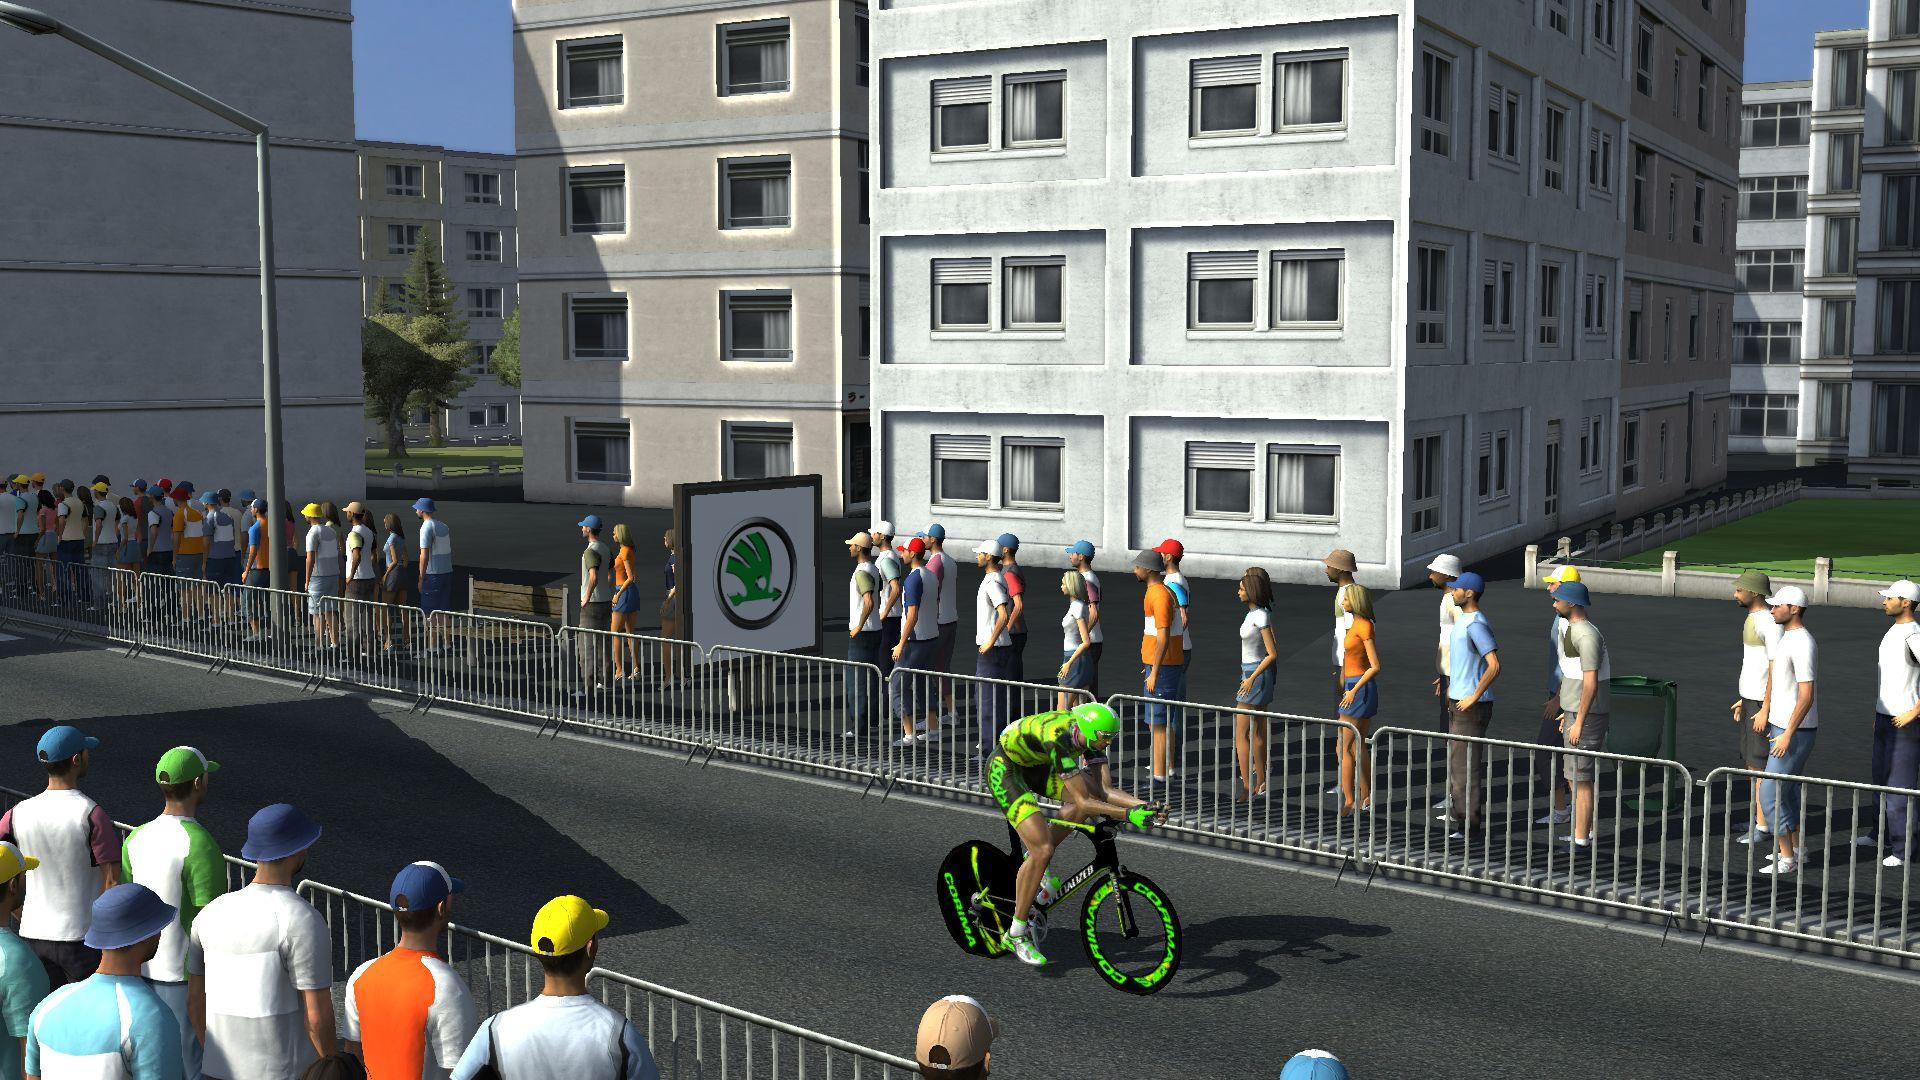 pcmdaily.com/images/mg/2016/Races/CT/DelSur/mg2016_delsur_01_PCM0015.jpg